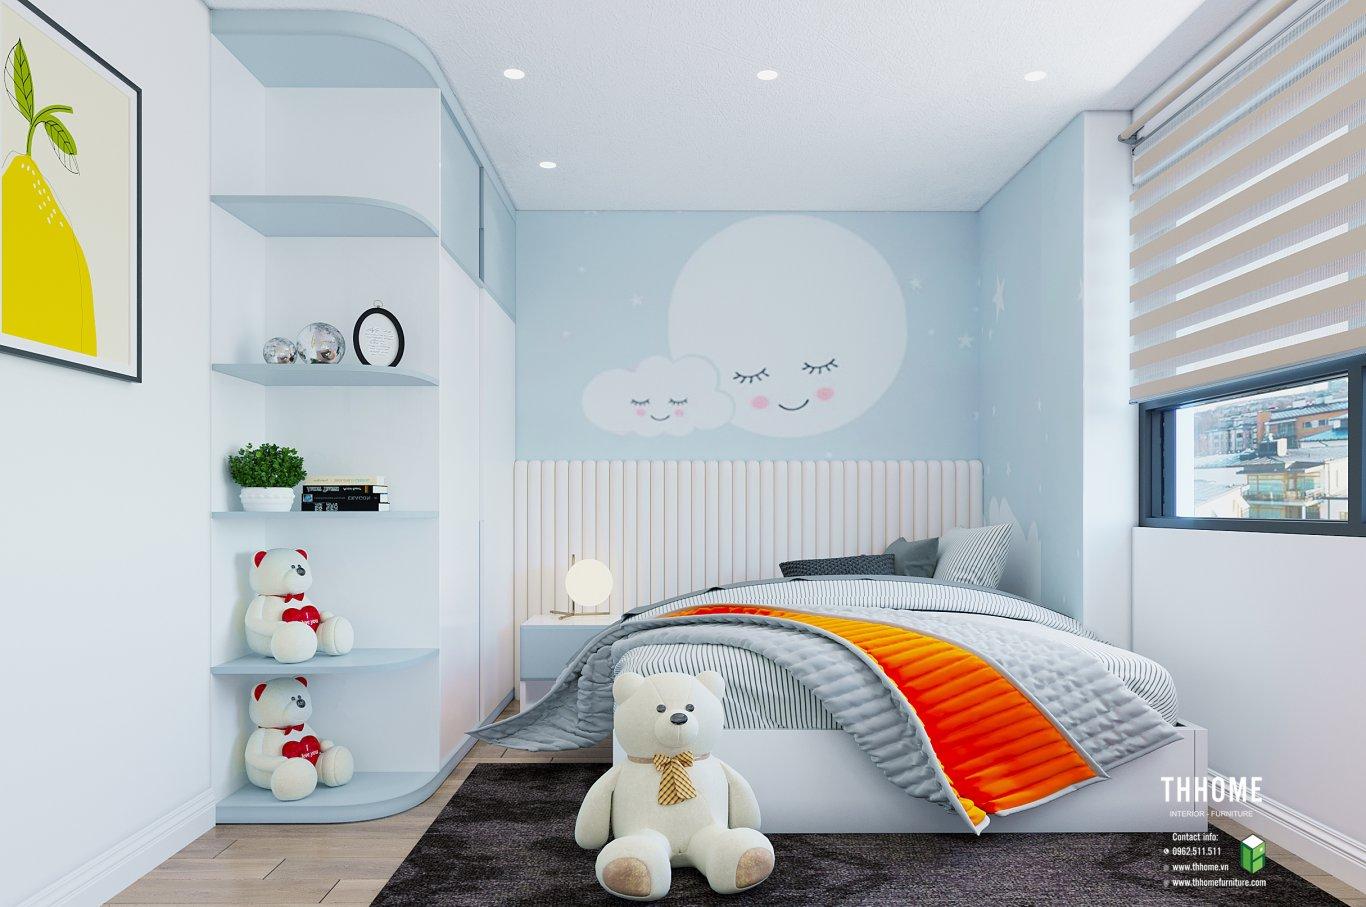 Phòng ngủ trẻ em nhẹ nhàng, tươi mát và đầy mơ mộng